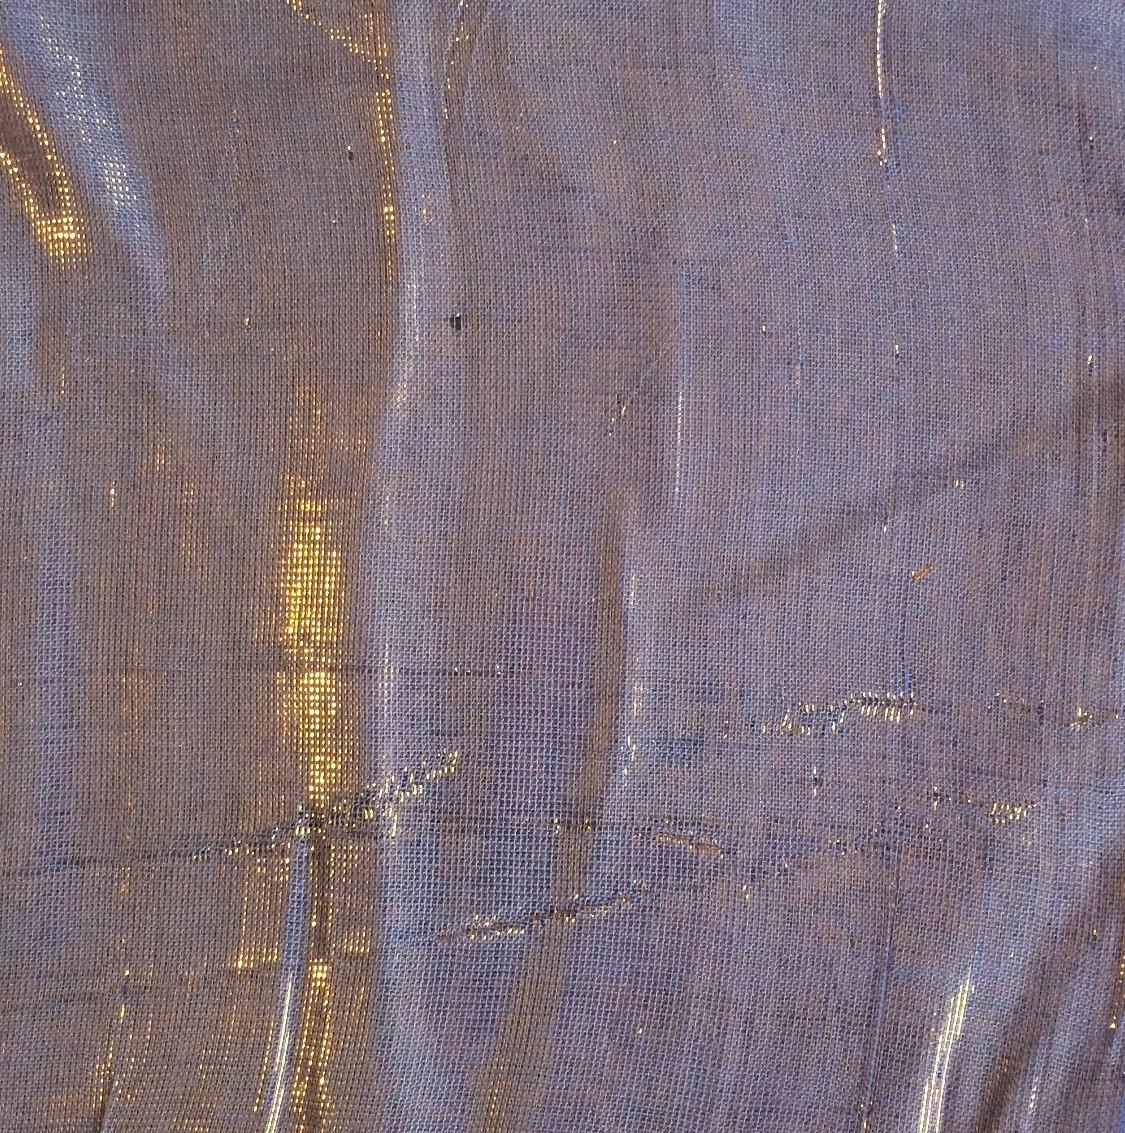 Lavender solid shimmer tichel